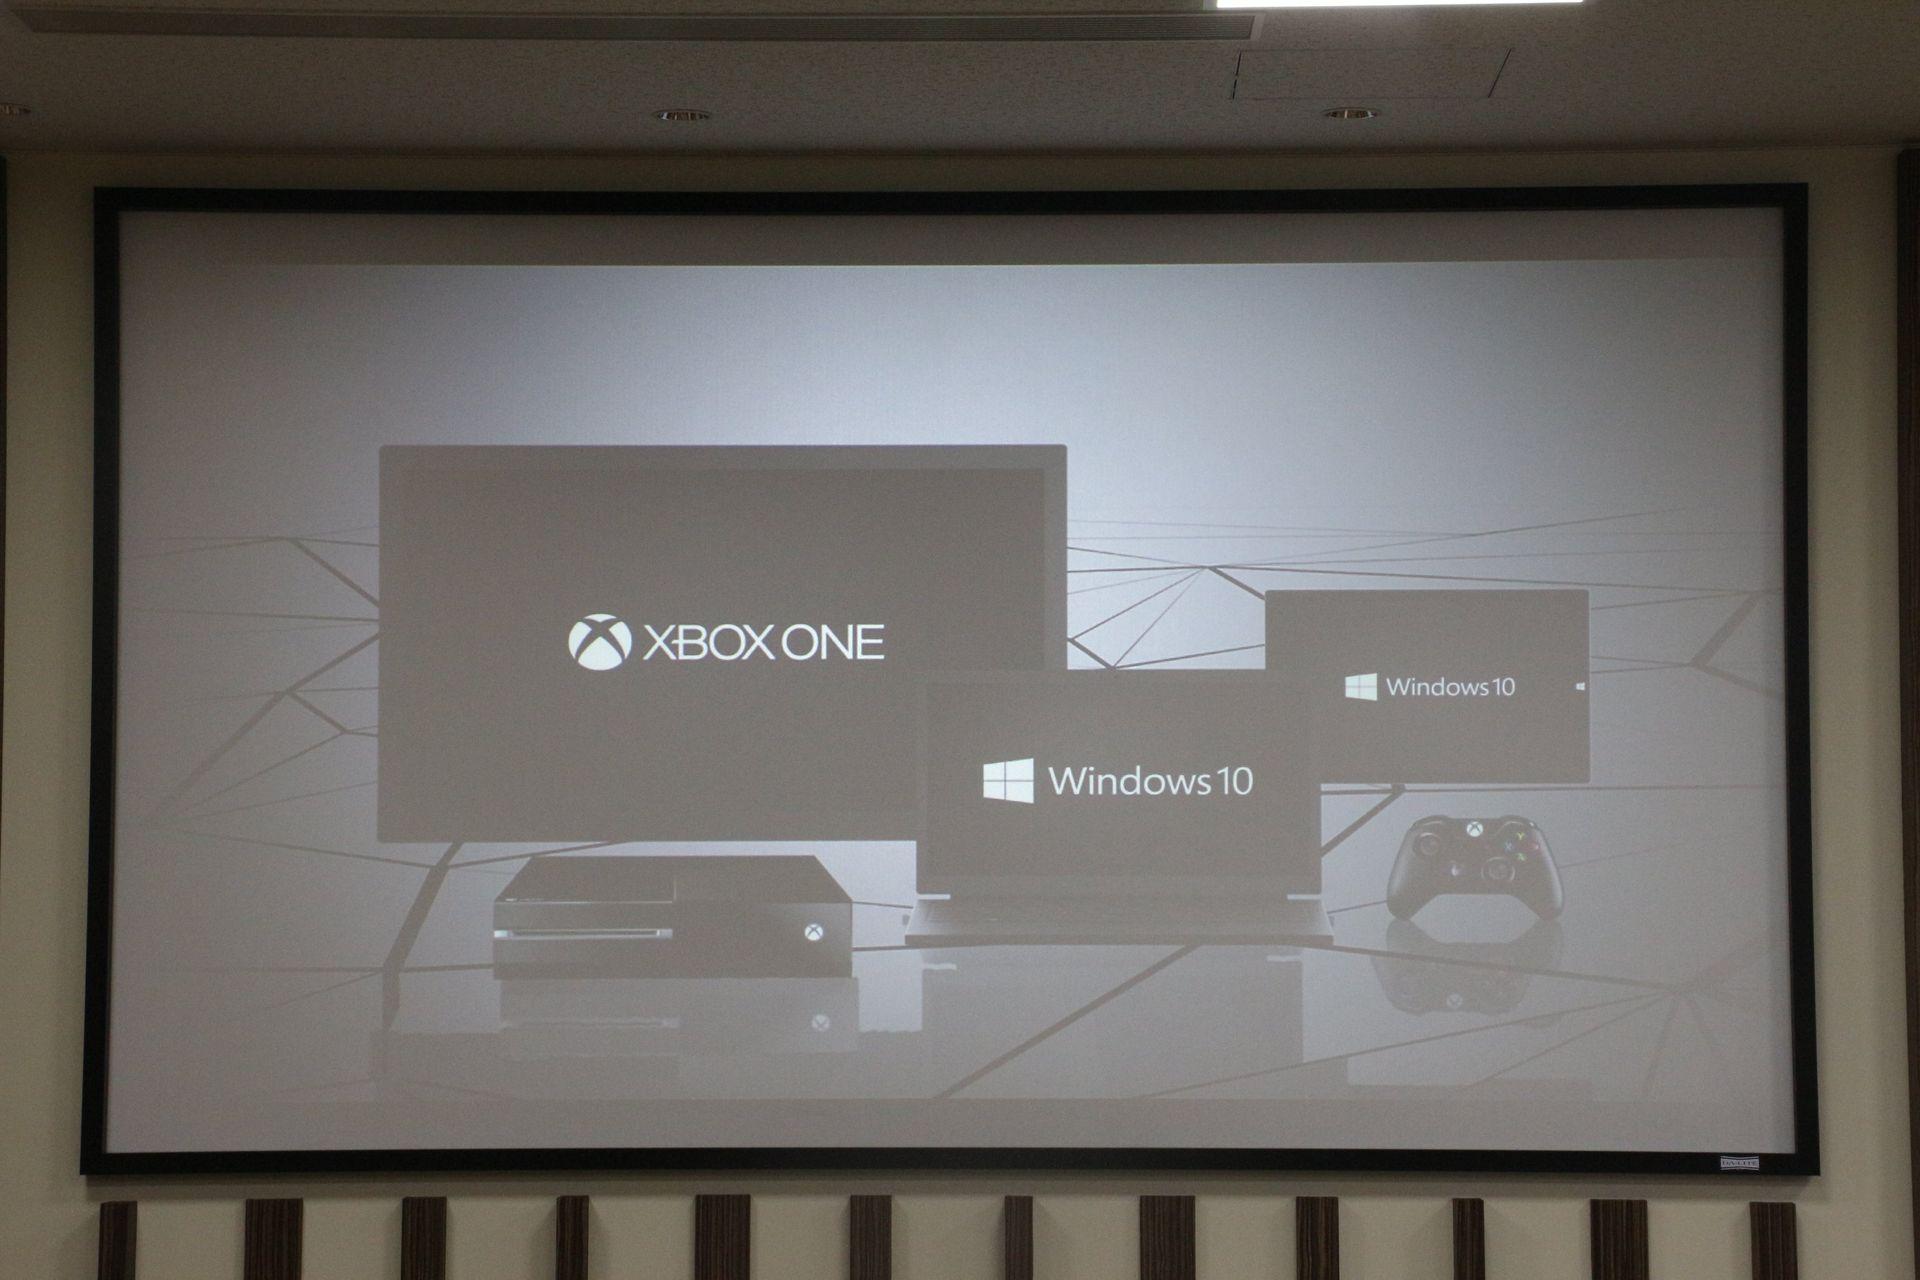 Windows 10の登場ですべてのデバイスがWindows 10デバイスに